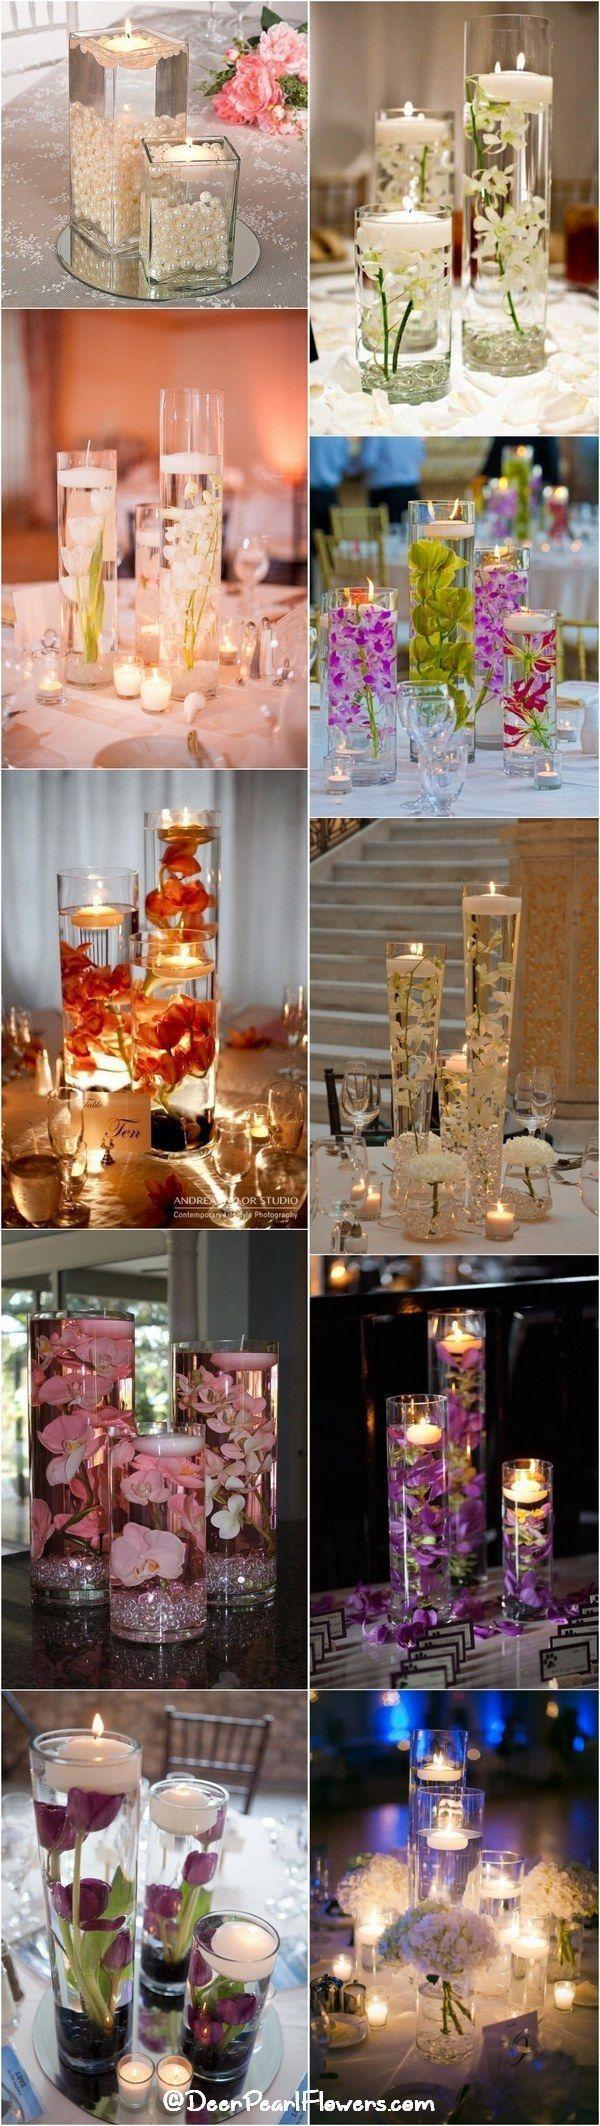 wedding centerpieces wedding centerpiece 20 Impossibly Romantic Floating Wedding Centerpieces